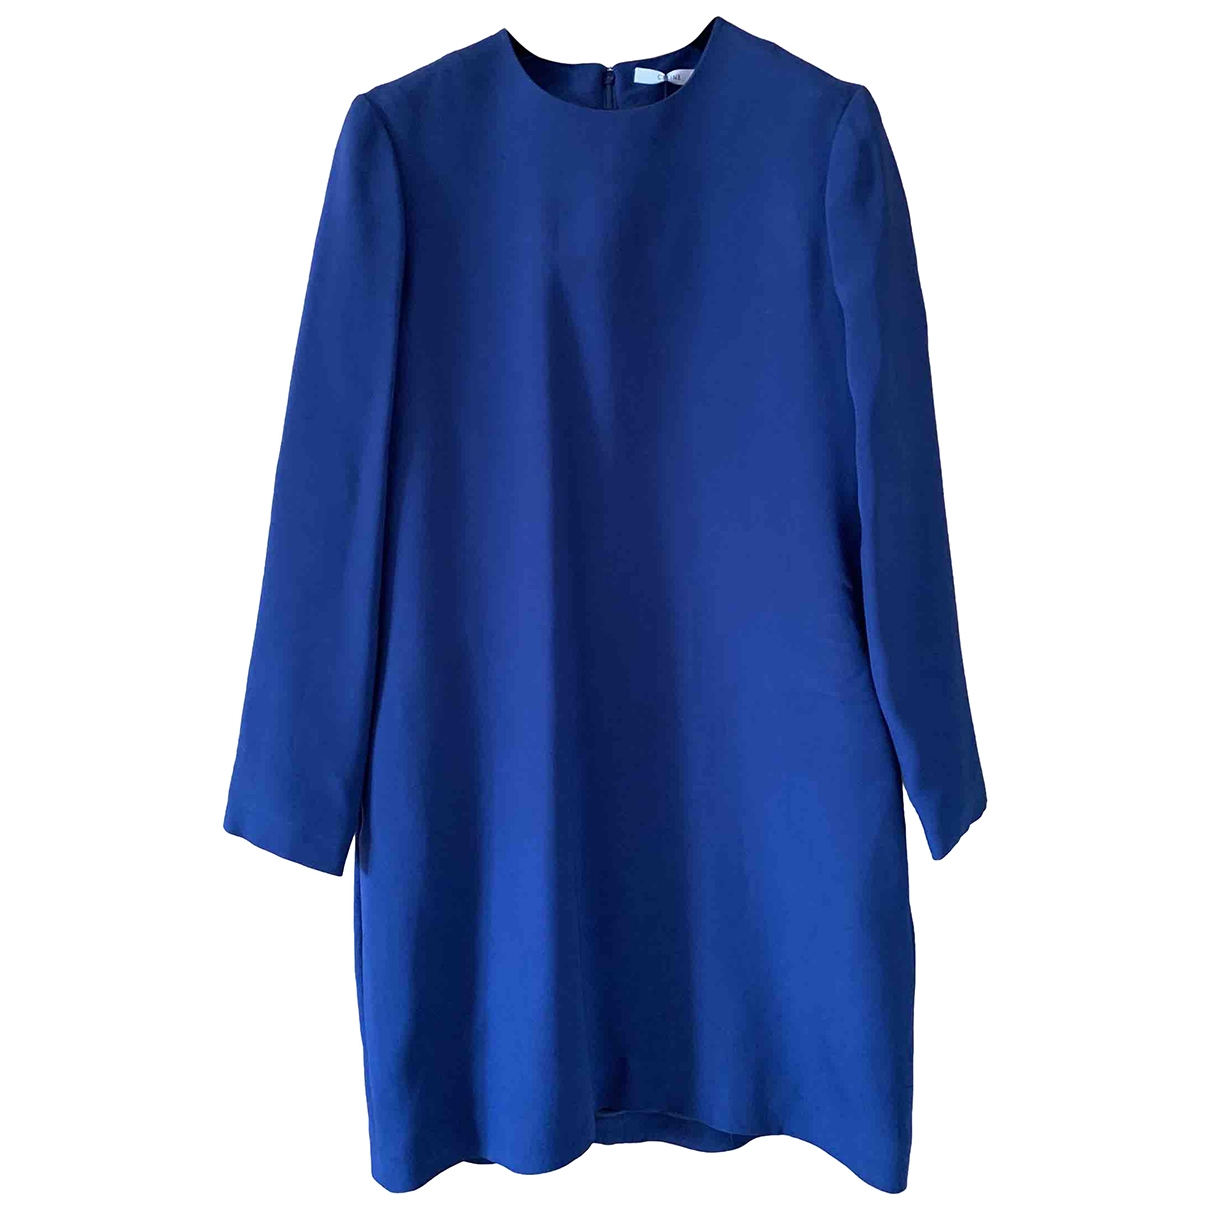 Celine \N Kleid in  Blau Viskose